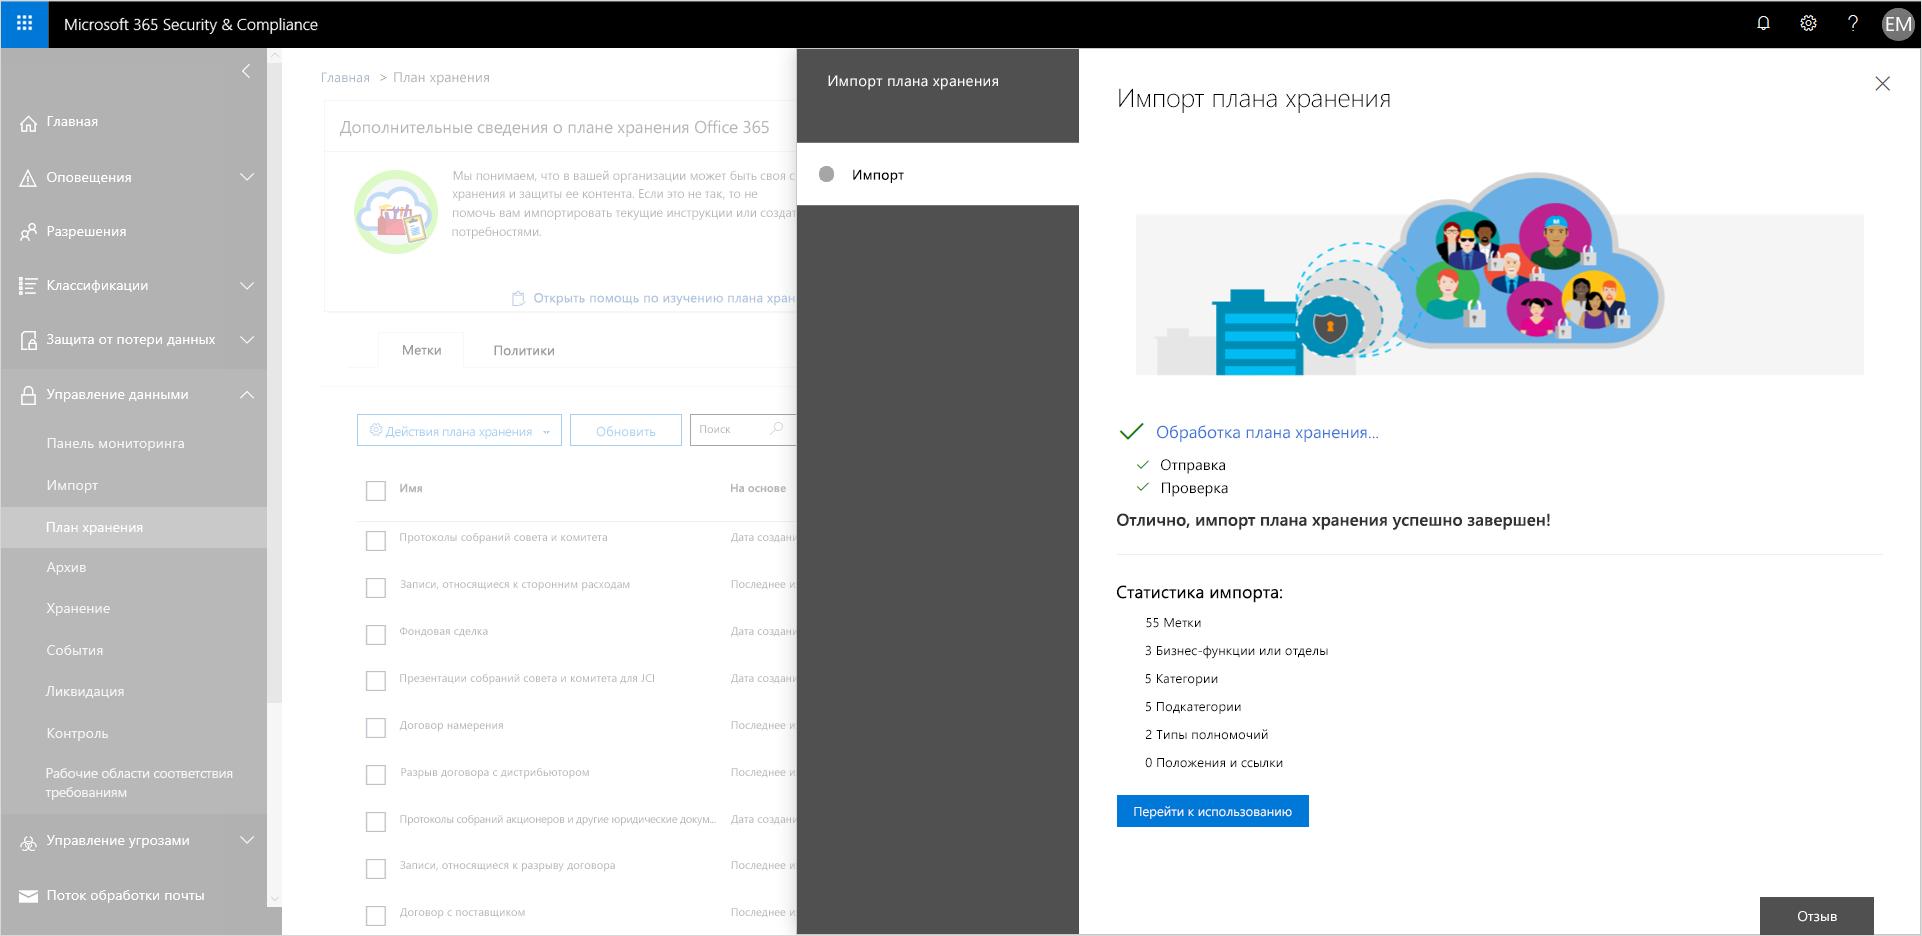 Изображение: проверка файла в Центре безопасности и соответствия требованиям